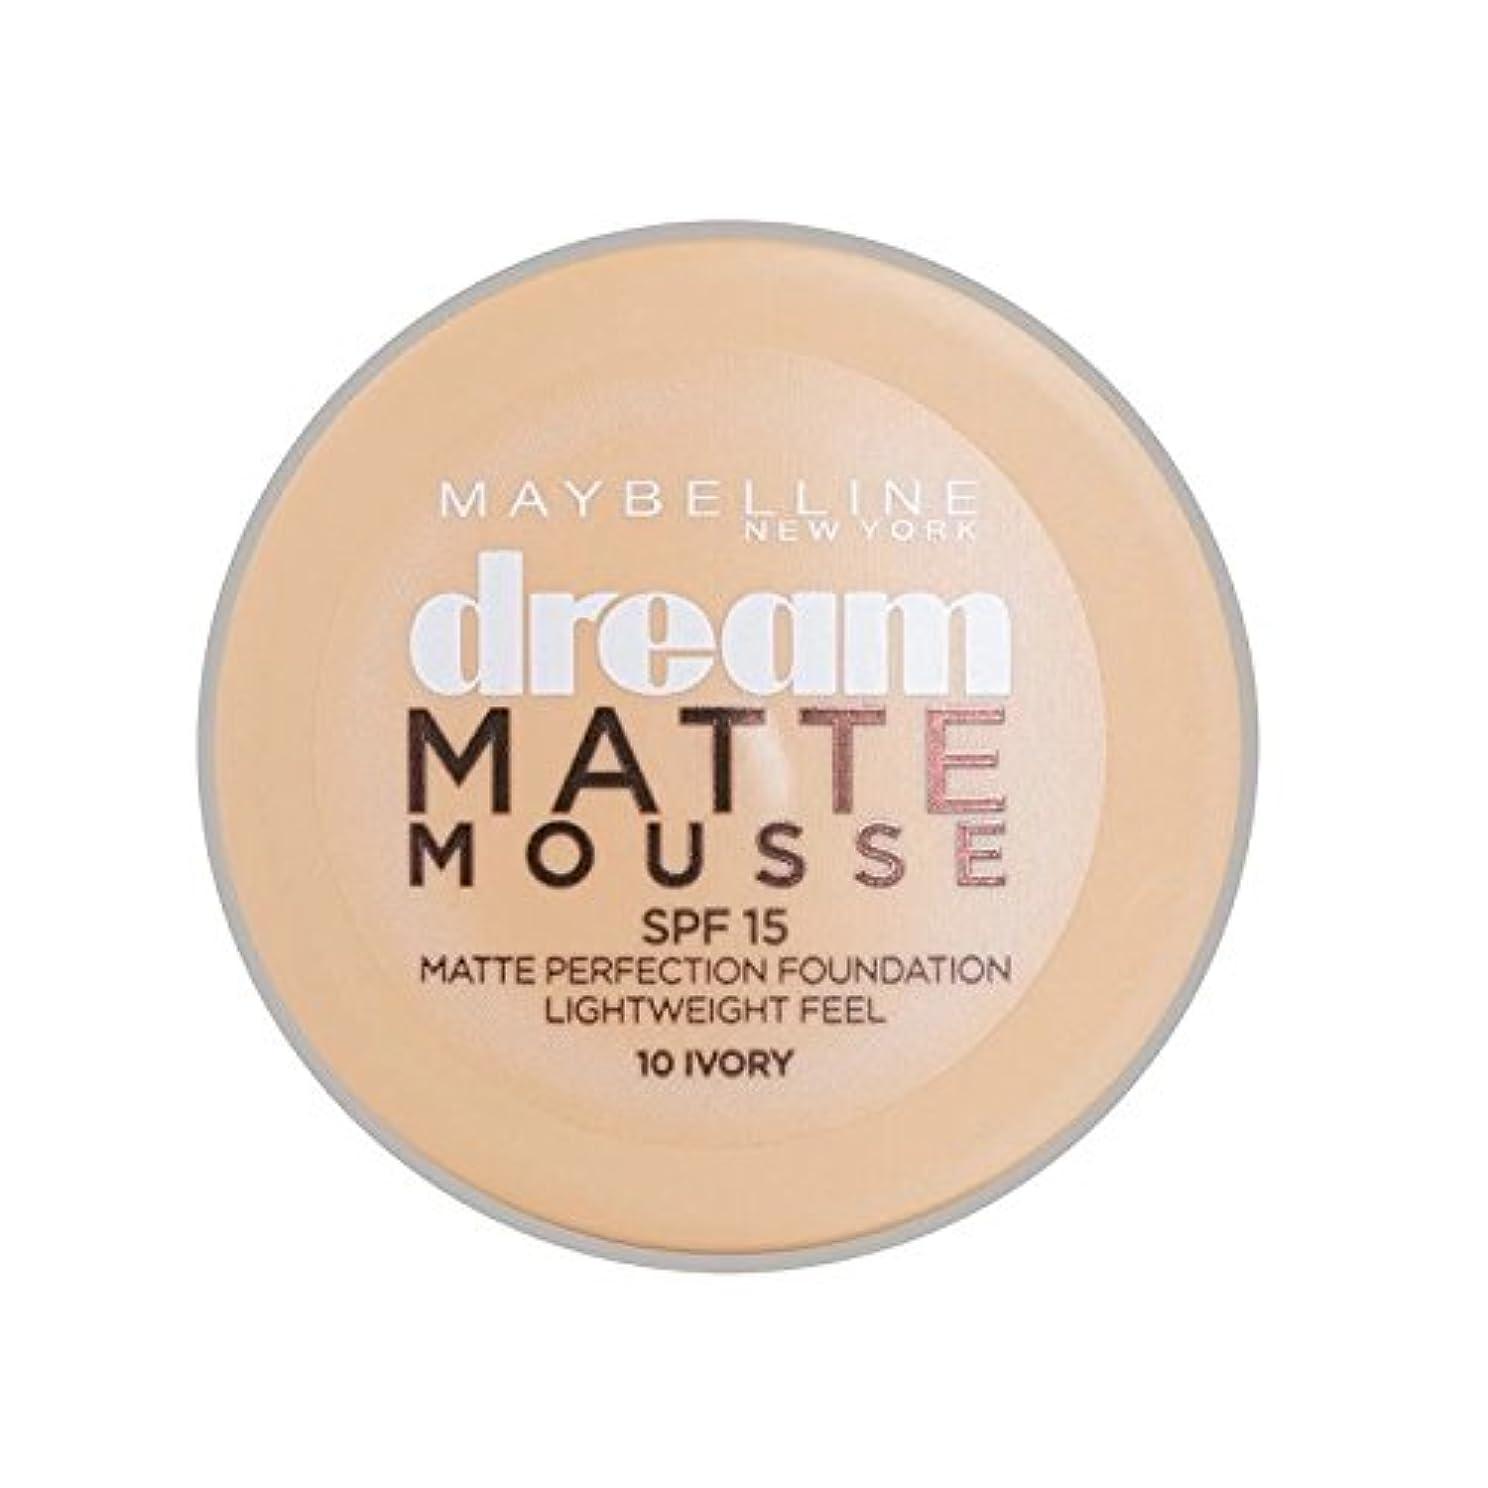 証書増幅する残基メイベリン夢マットムース土台10アイボリー10ミリリットル x4 - Maybelline Dream Matte Mousse Foundation 10 Ivory 10ml (Pack of 4) [並行輸入品]